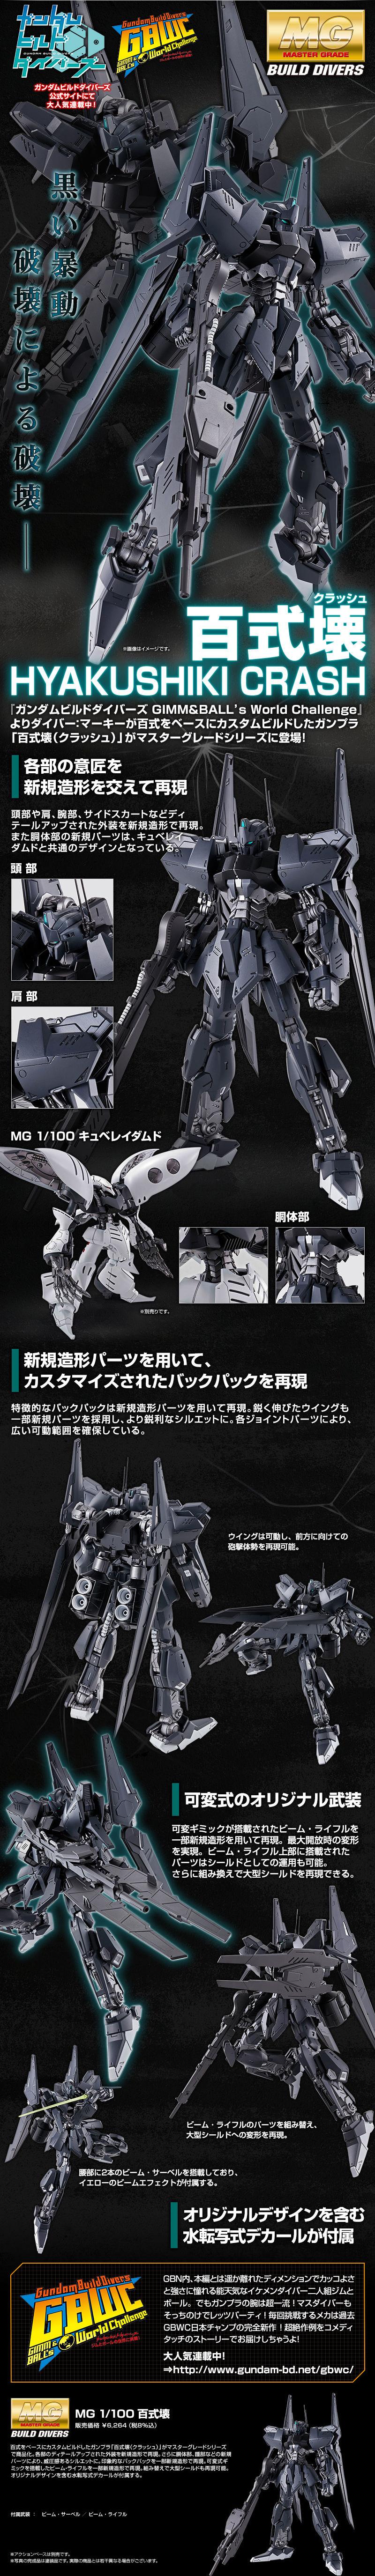 MG 1/100 百式壊(クラッシュ) 公式商品説明(画像)